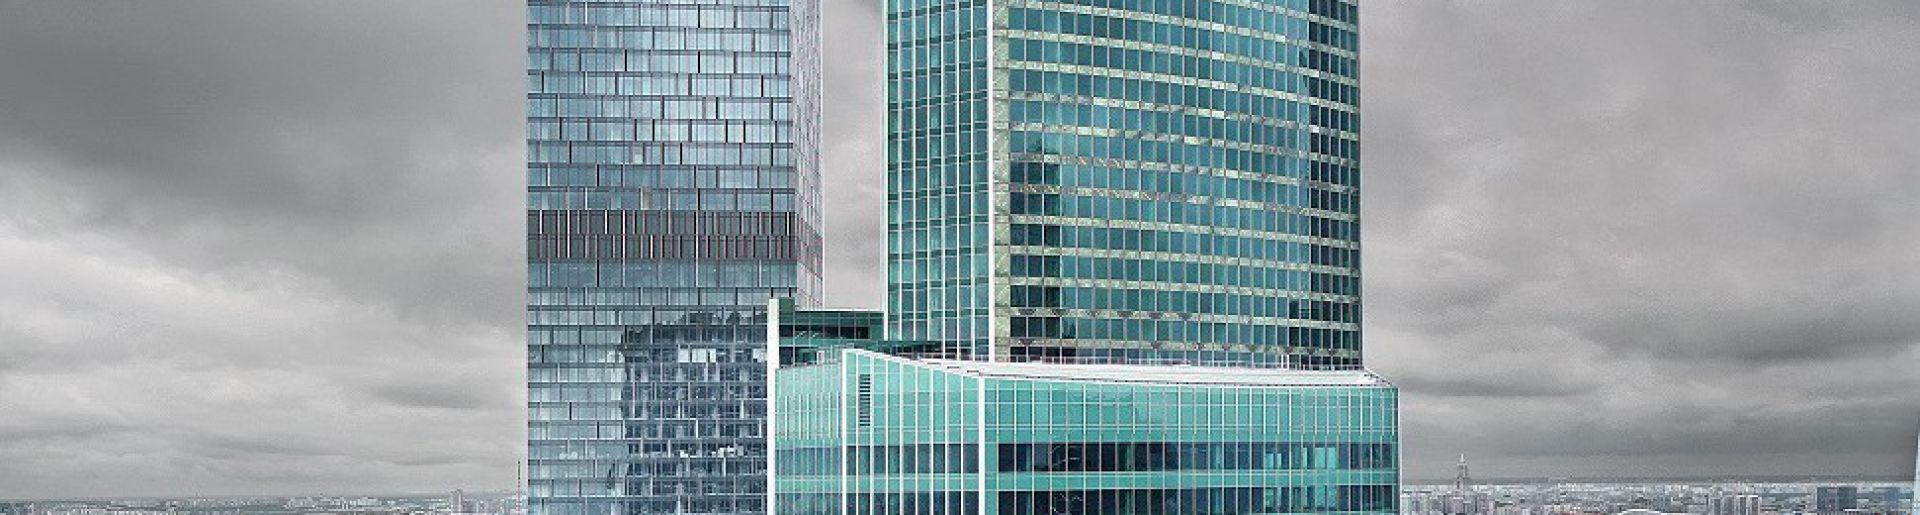 25 этаж москва сити инвест клуб стрептиз видео скрытая камера ночные клубы